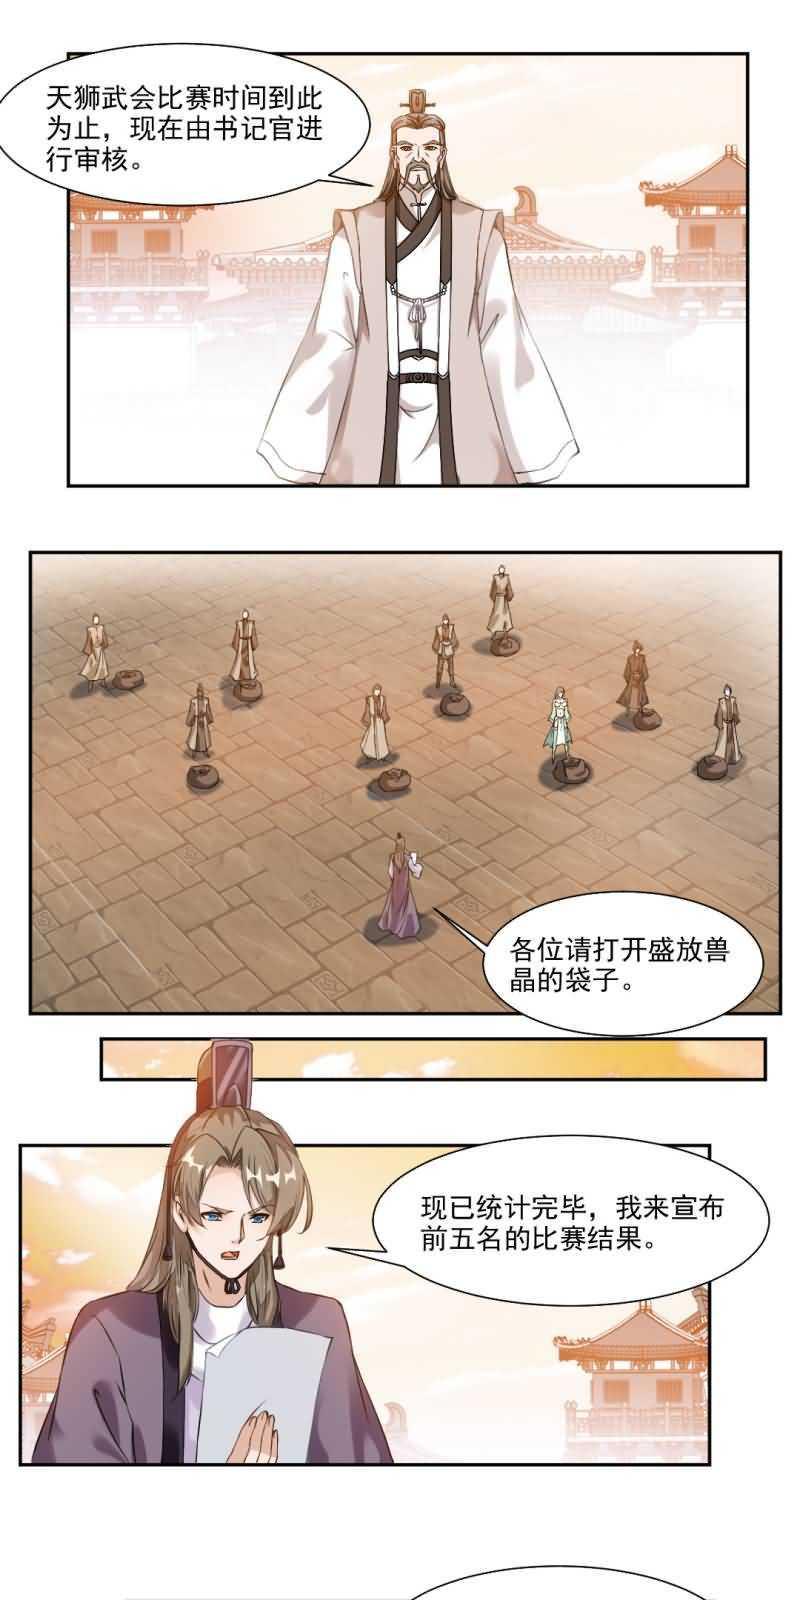 九阳神王第29话  冠军是…秦云! 第 2